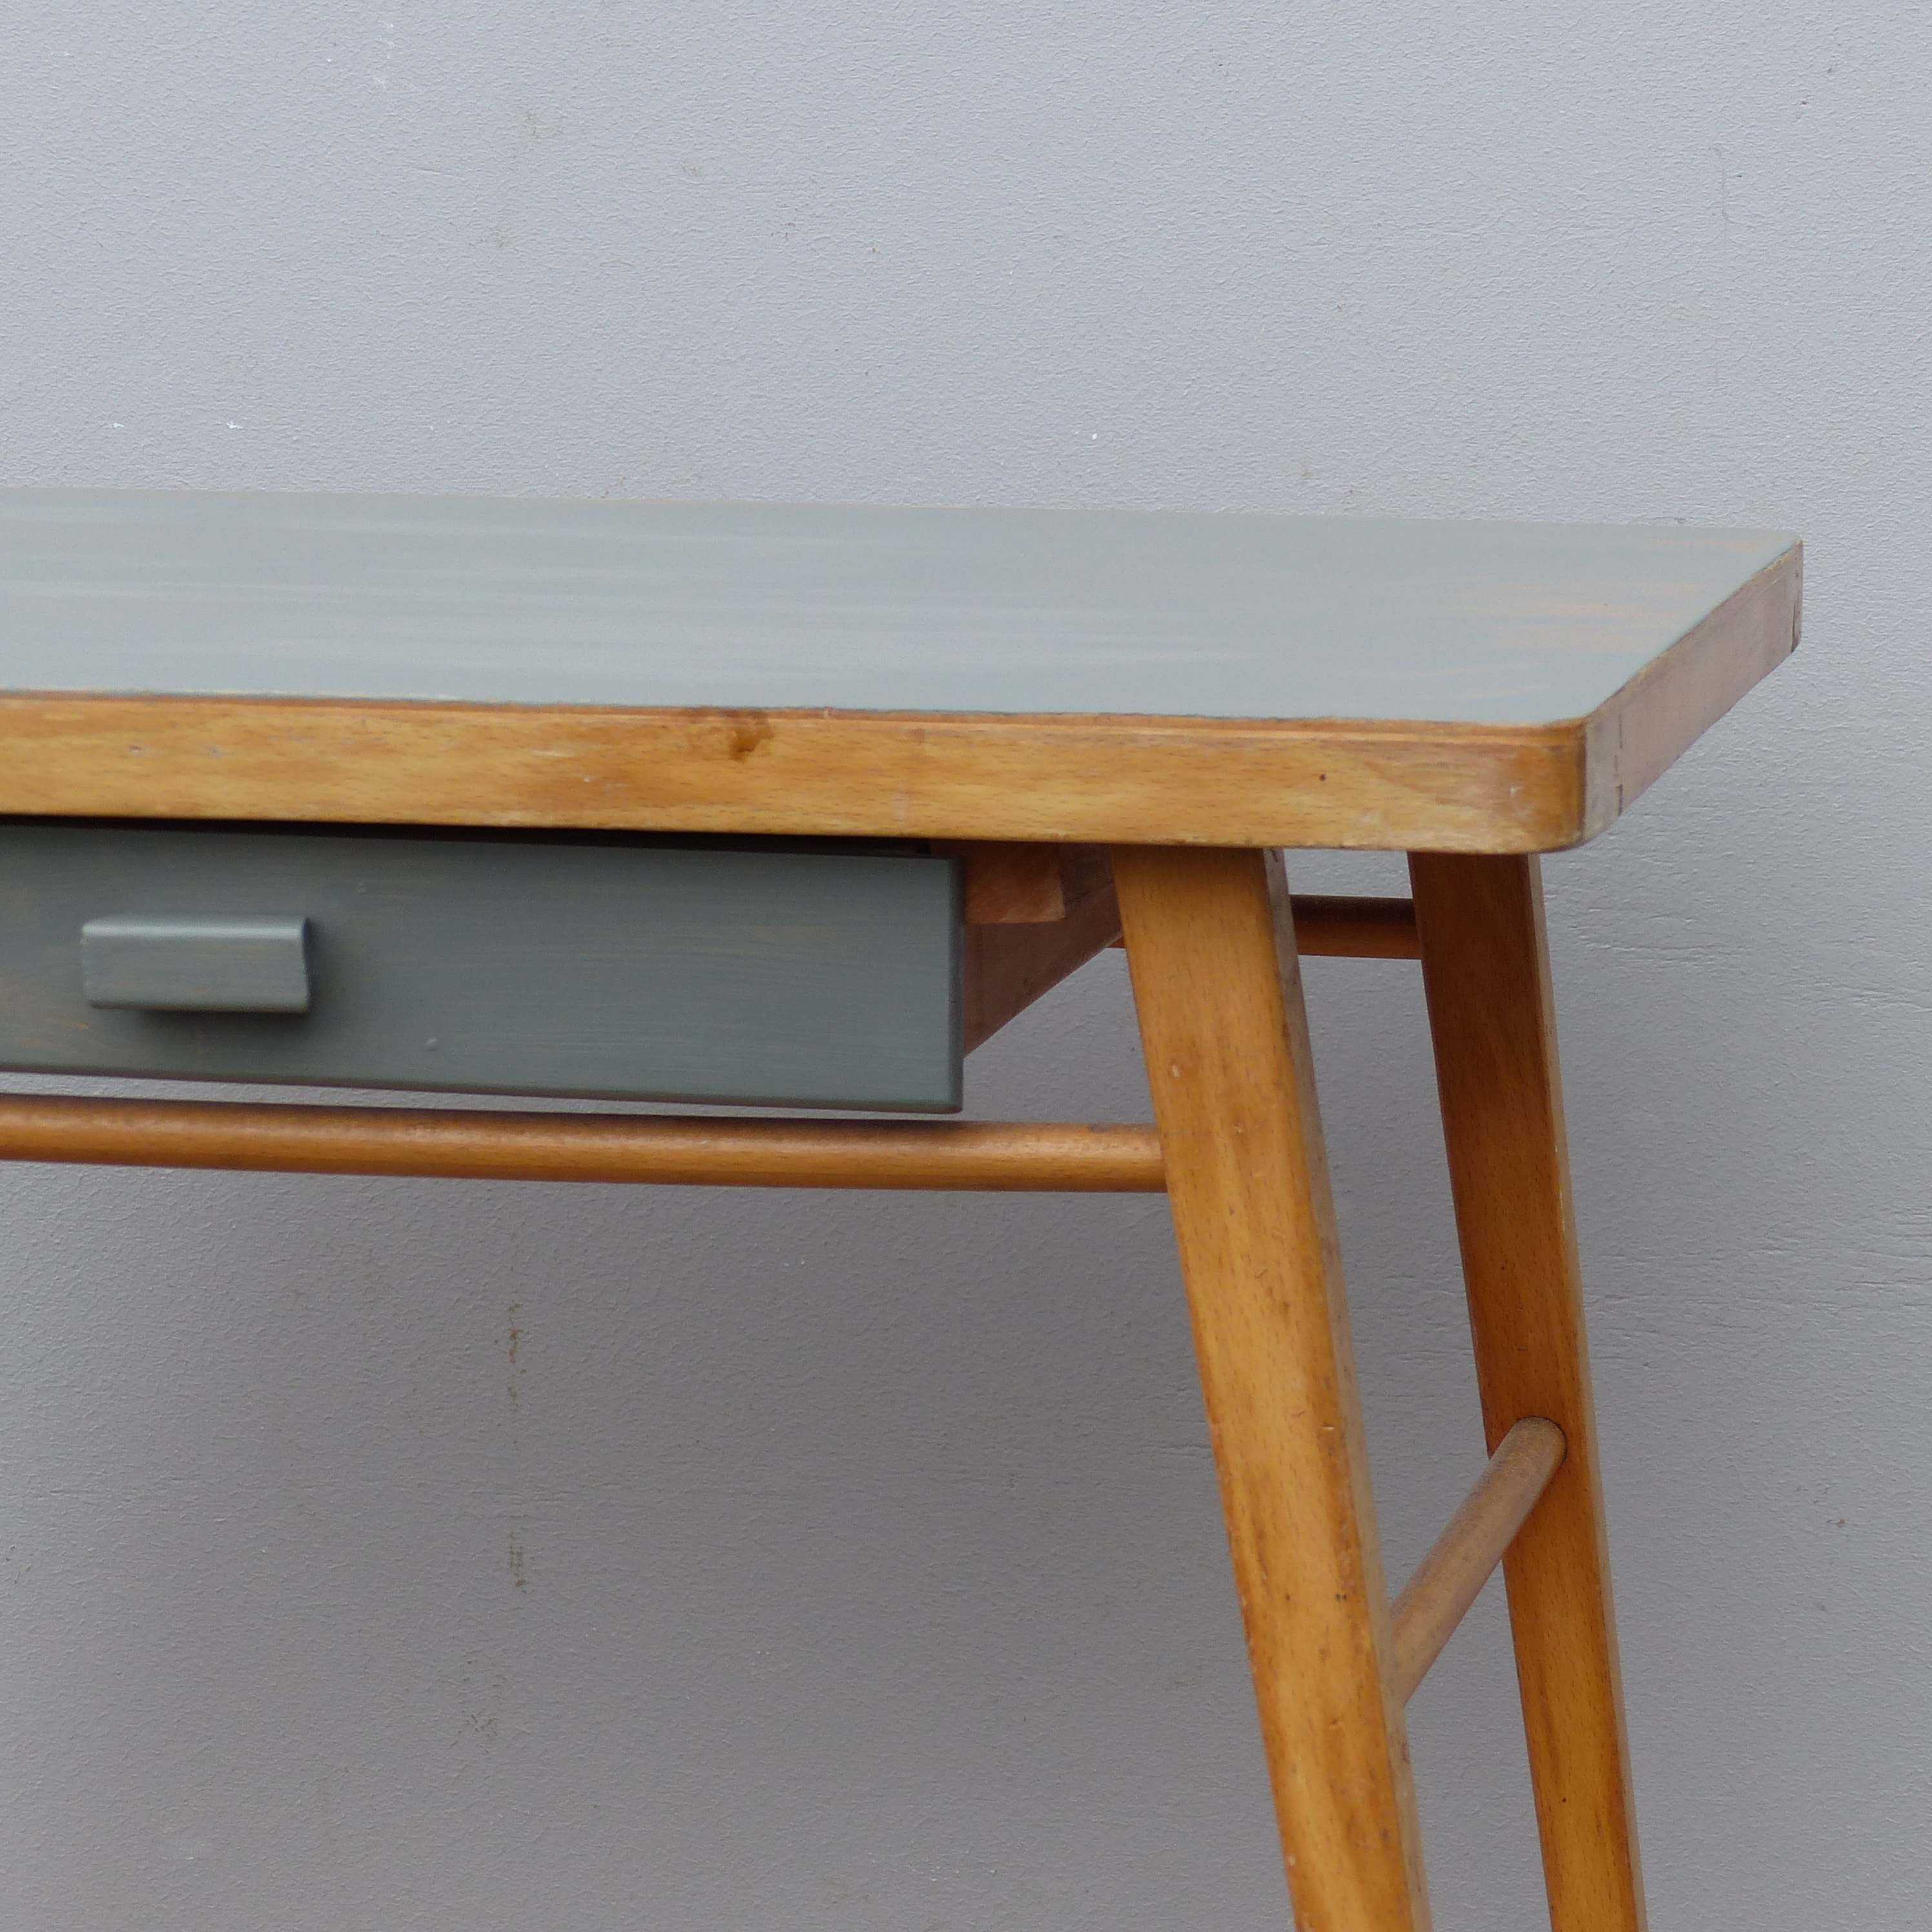 petit bureau pour enfant avec plateau et tiroir gris lignedebrocante brocante en ligne chine. Black Bedroom Furniture Sets. Home Design Ideas